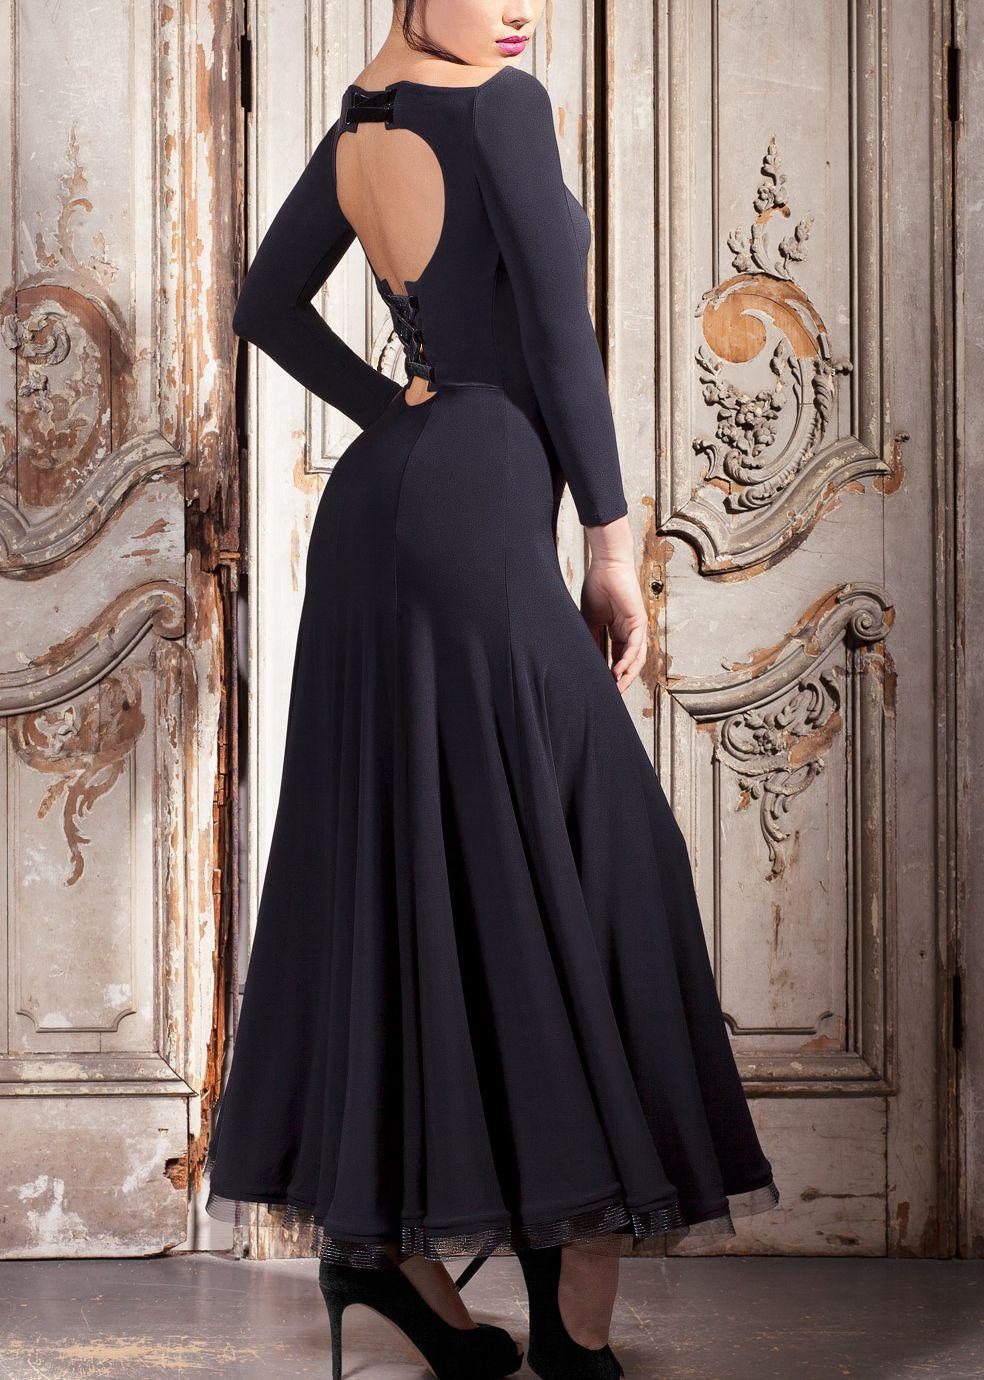 Ballroom dance dress one piece dancing dress custom made W17030 backless ruffle waist dress